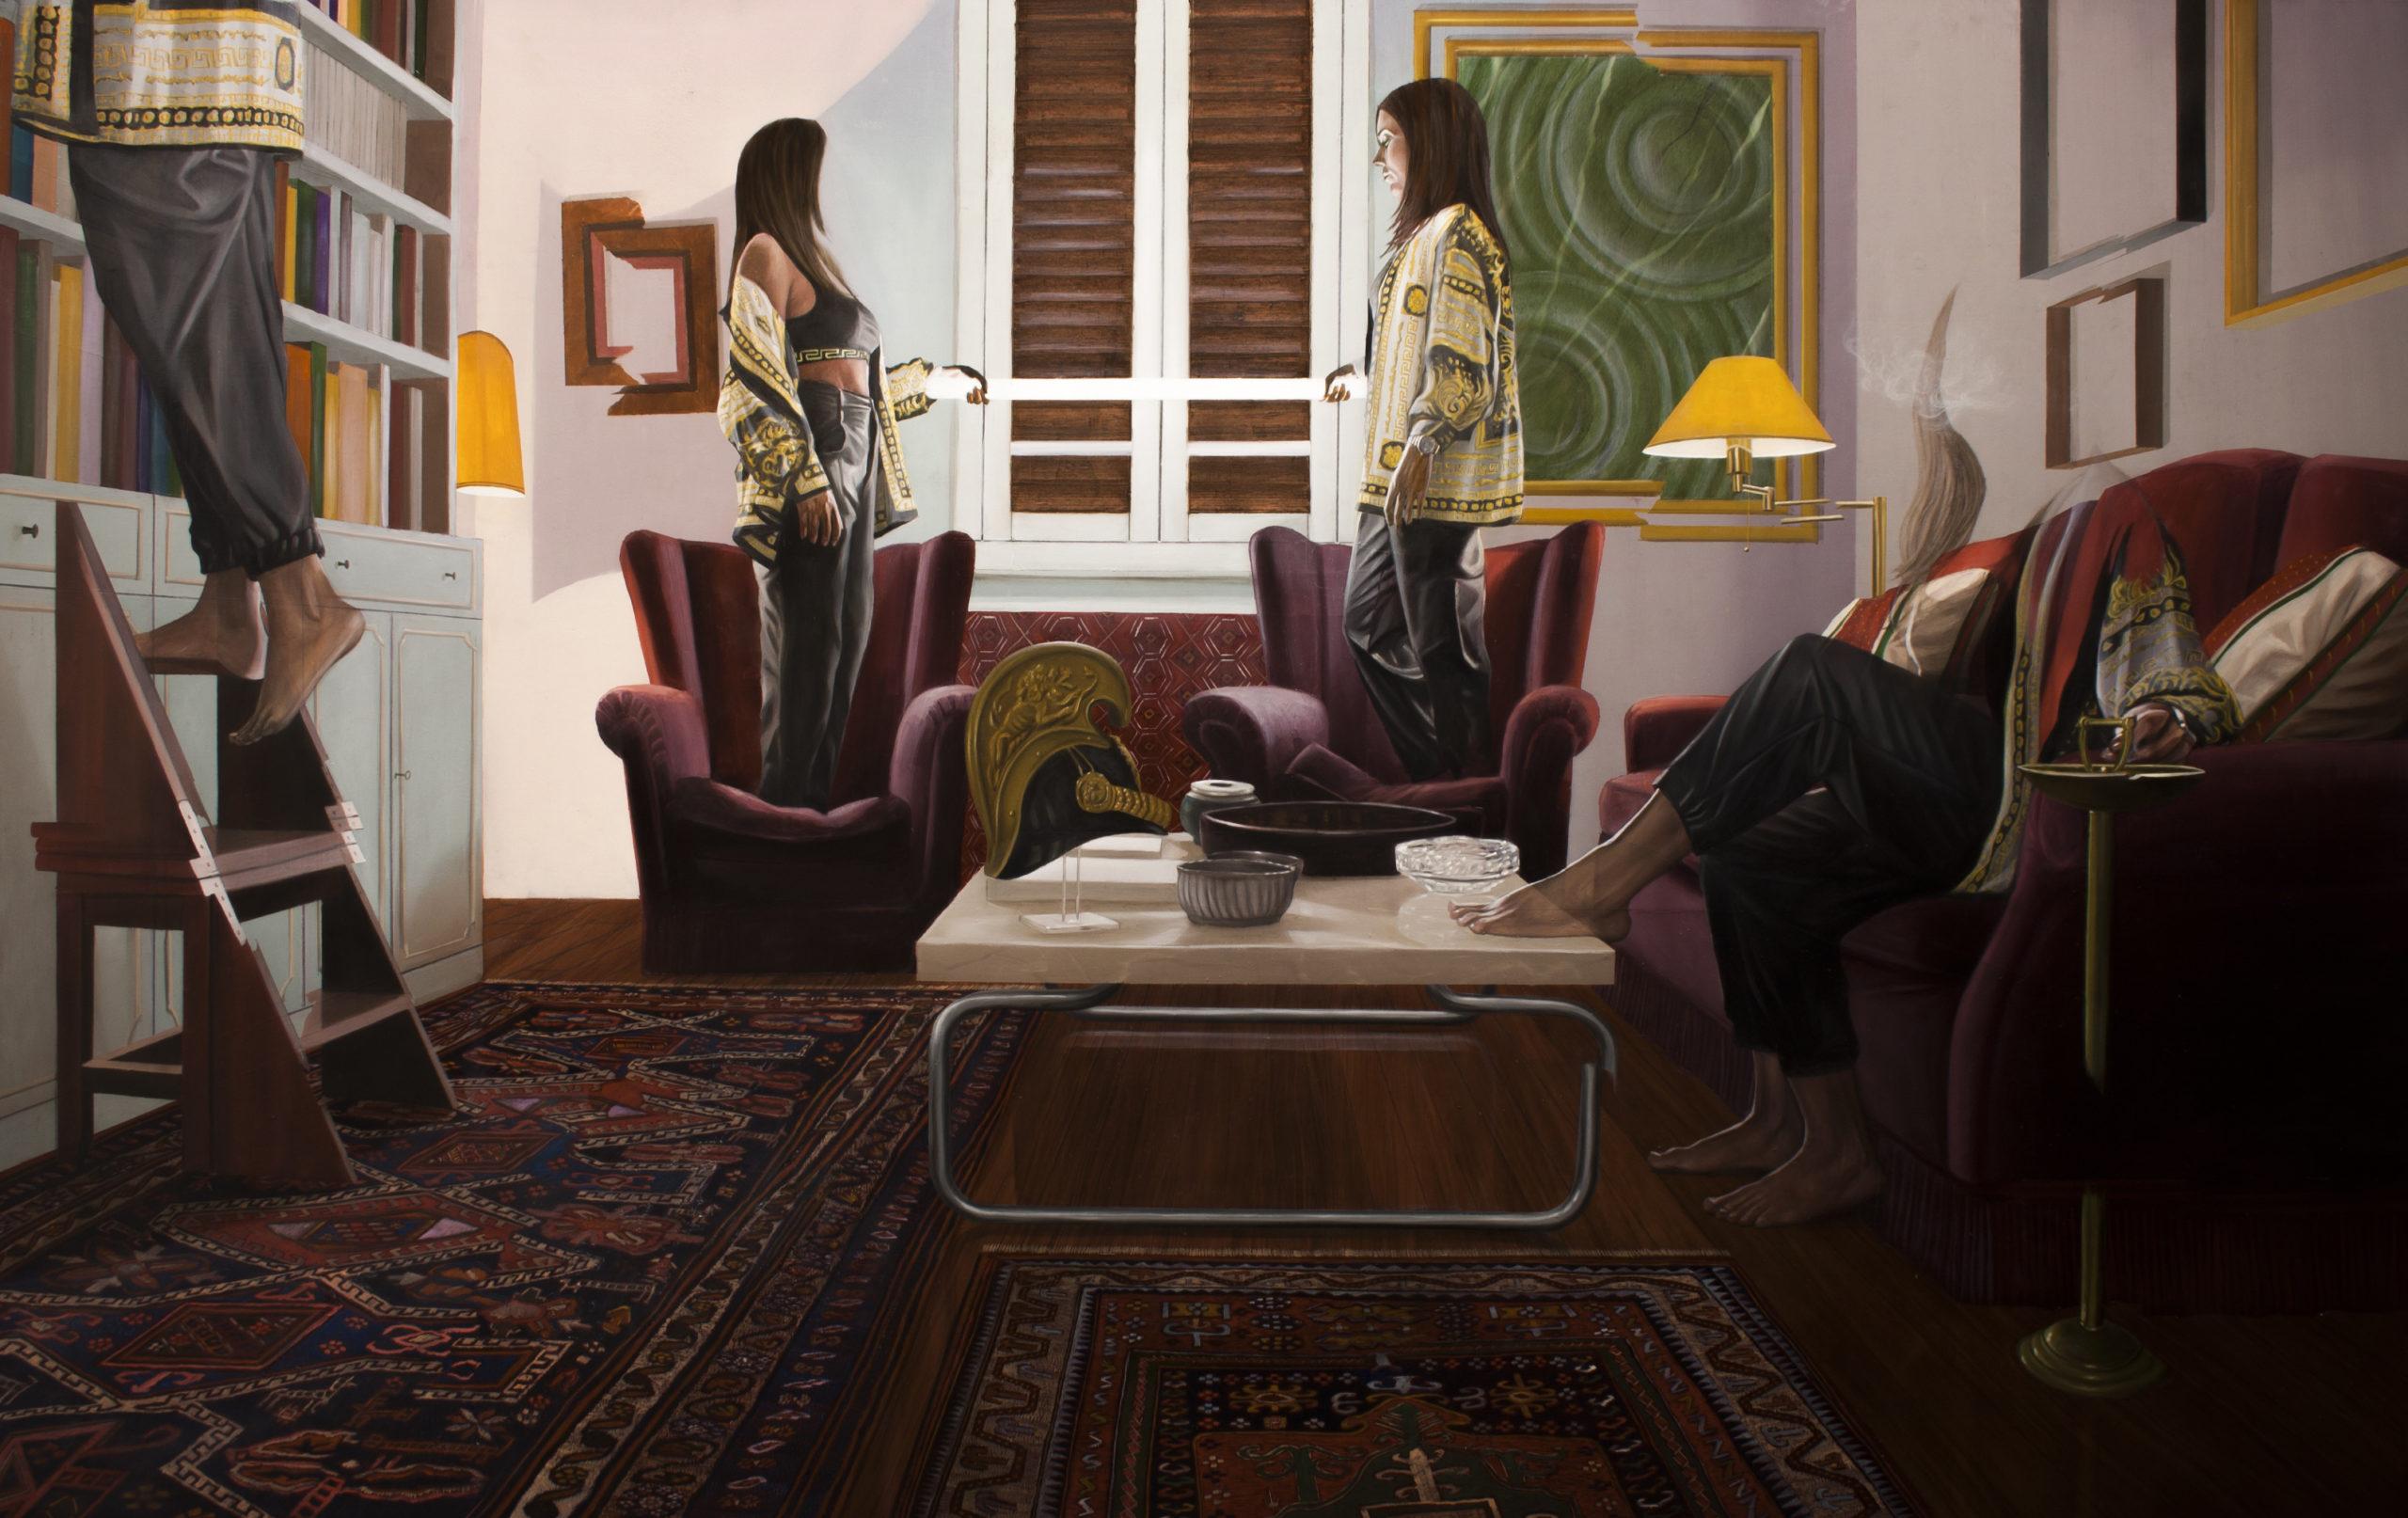 Iperrealismo in atmosfera onirica: i sogni di Dario Maglionico si svegliano in Vietnam